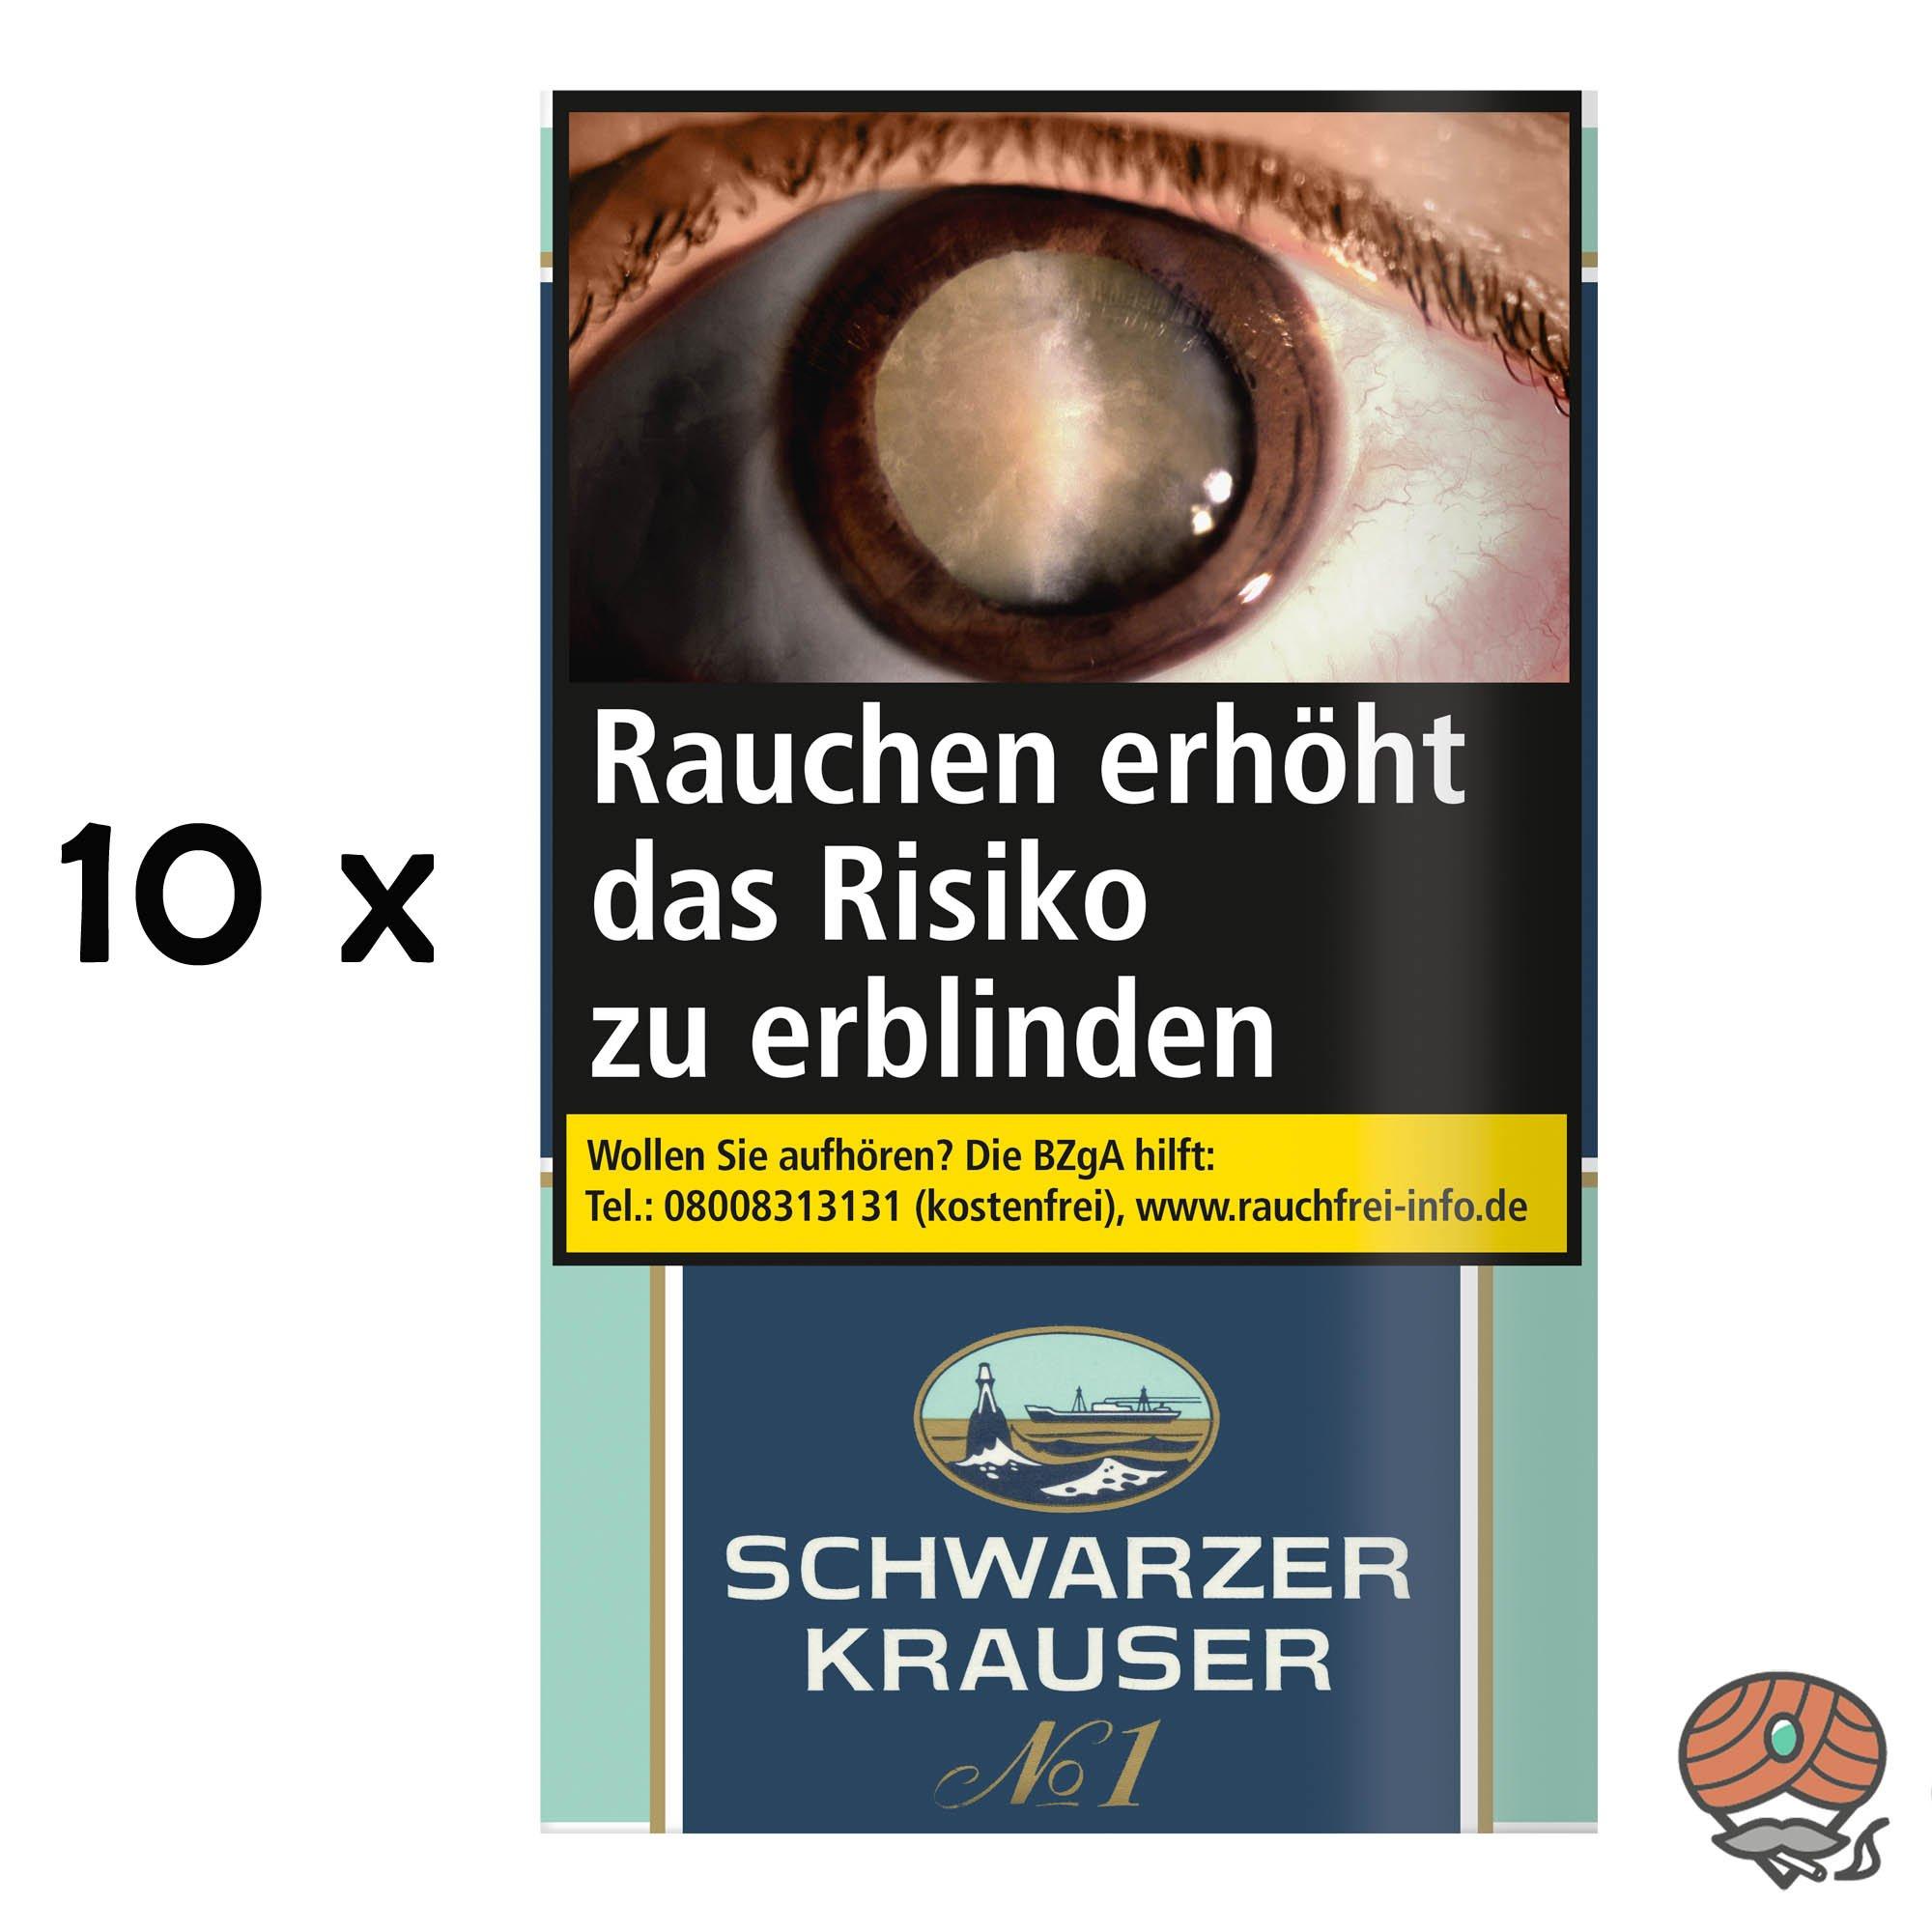 10 x Schwarzer Krauser No.1 Feinschnitt Drehtabak 30g